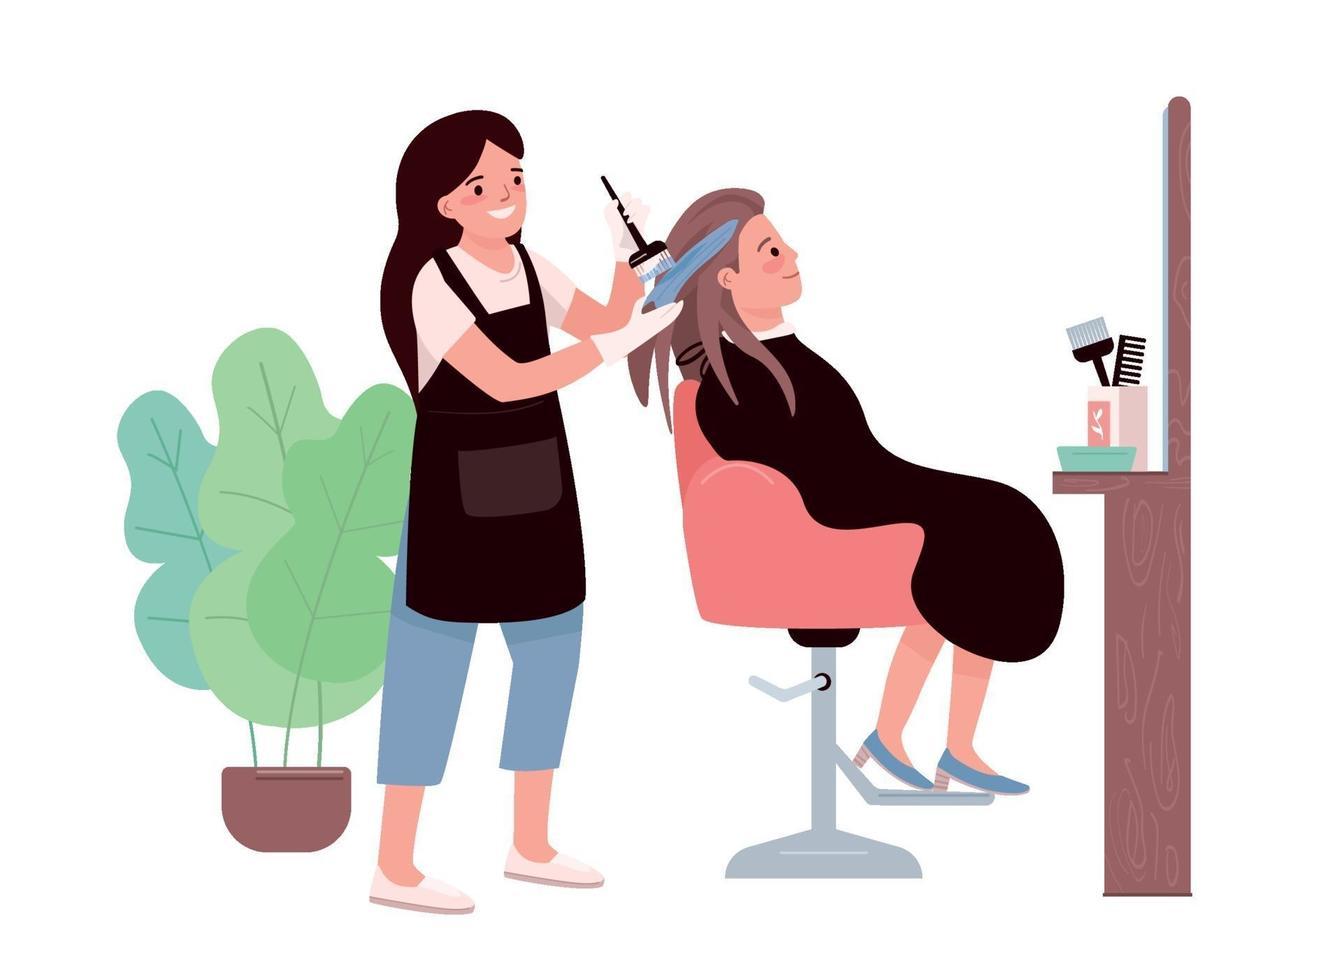 haarkleuring egale kleur vector tekens. vrouwelijke kapper. haar verven procedure. haarstylist studio. stylist klant. vrouw krijgt kapsel. schoonheidssalon geïsoleerde cartoon afbeelding